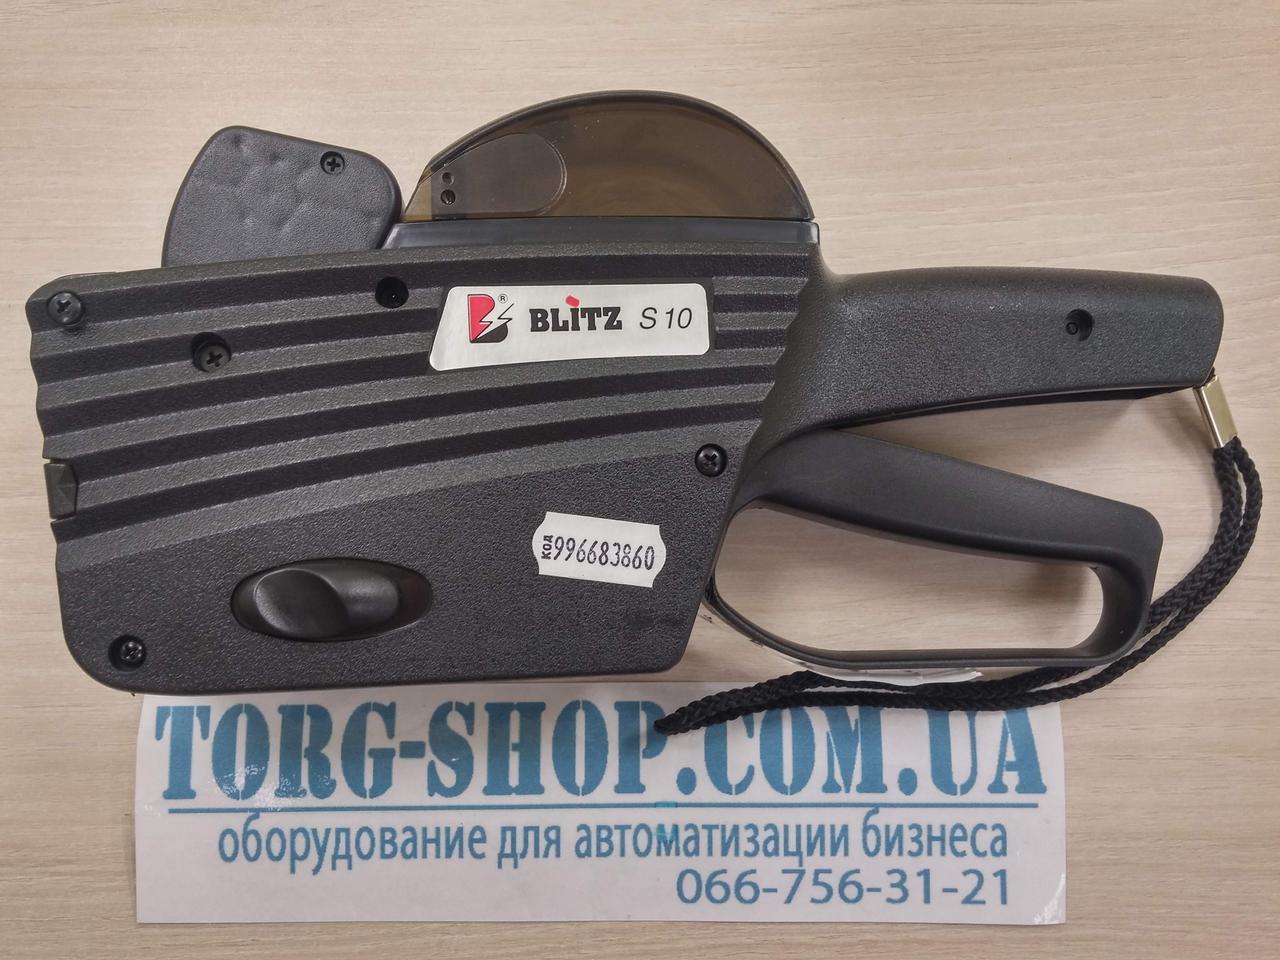 Этикет-пистолет Open Data Blitz S10  однострочный этикет-пистолет